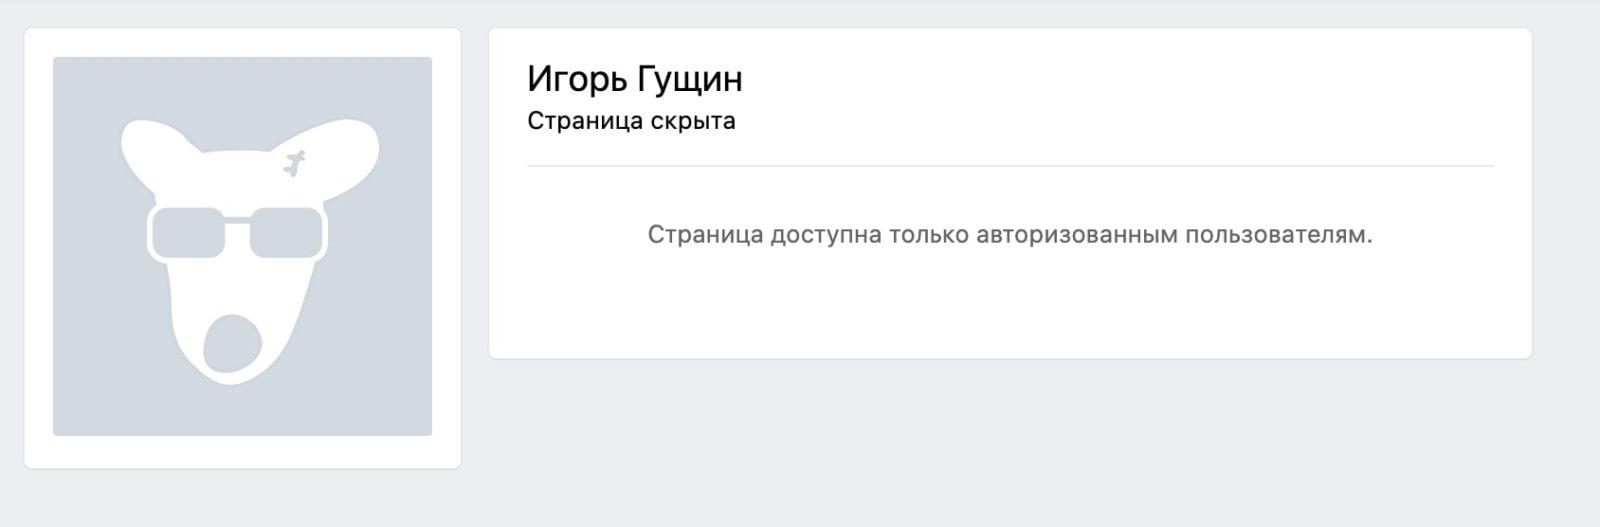 Личная страница каппера Игоря Гущина